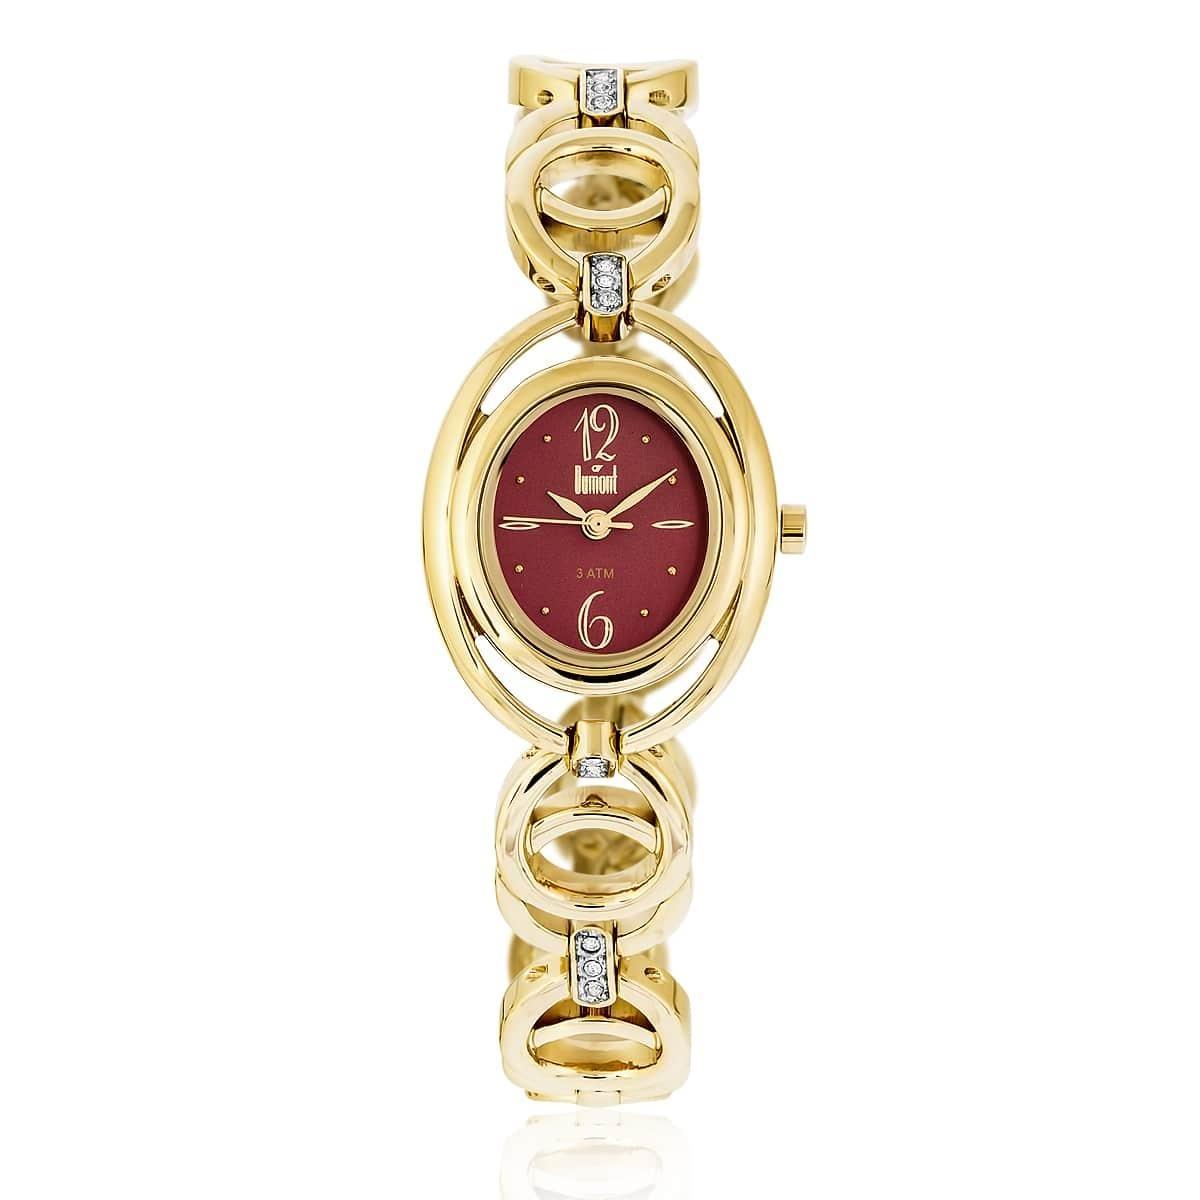 b6071e937758a Relógio Feminino Dumont Splendore Ref Du2035lqe 4n Dourado - R  199 ...